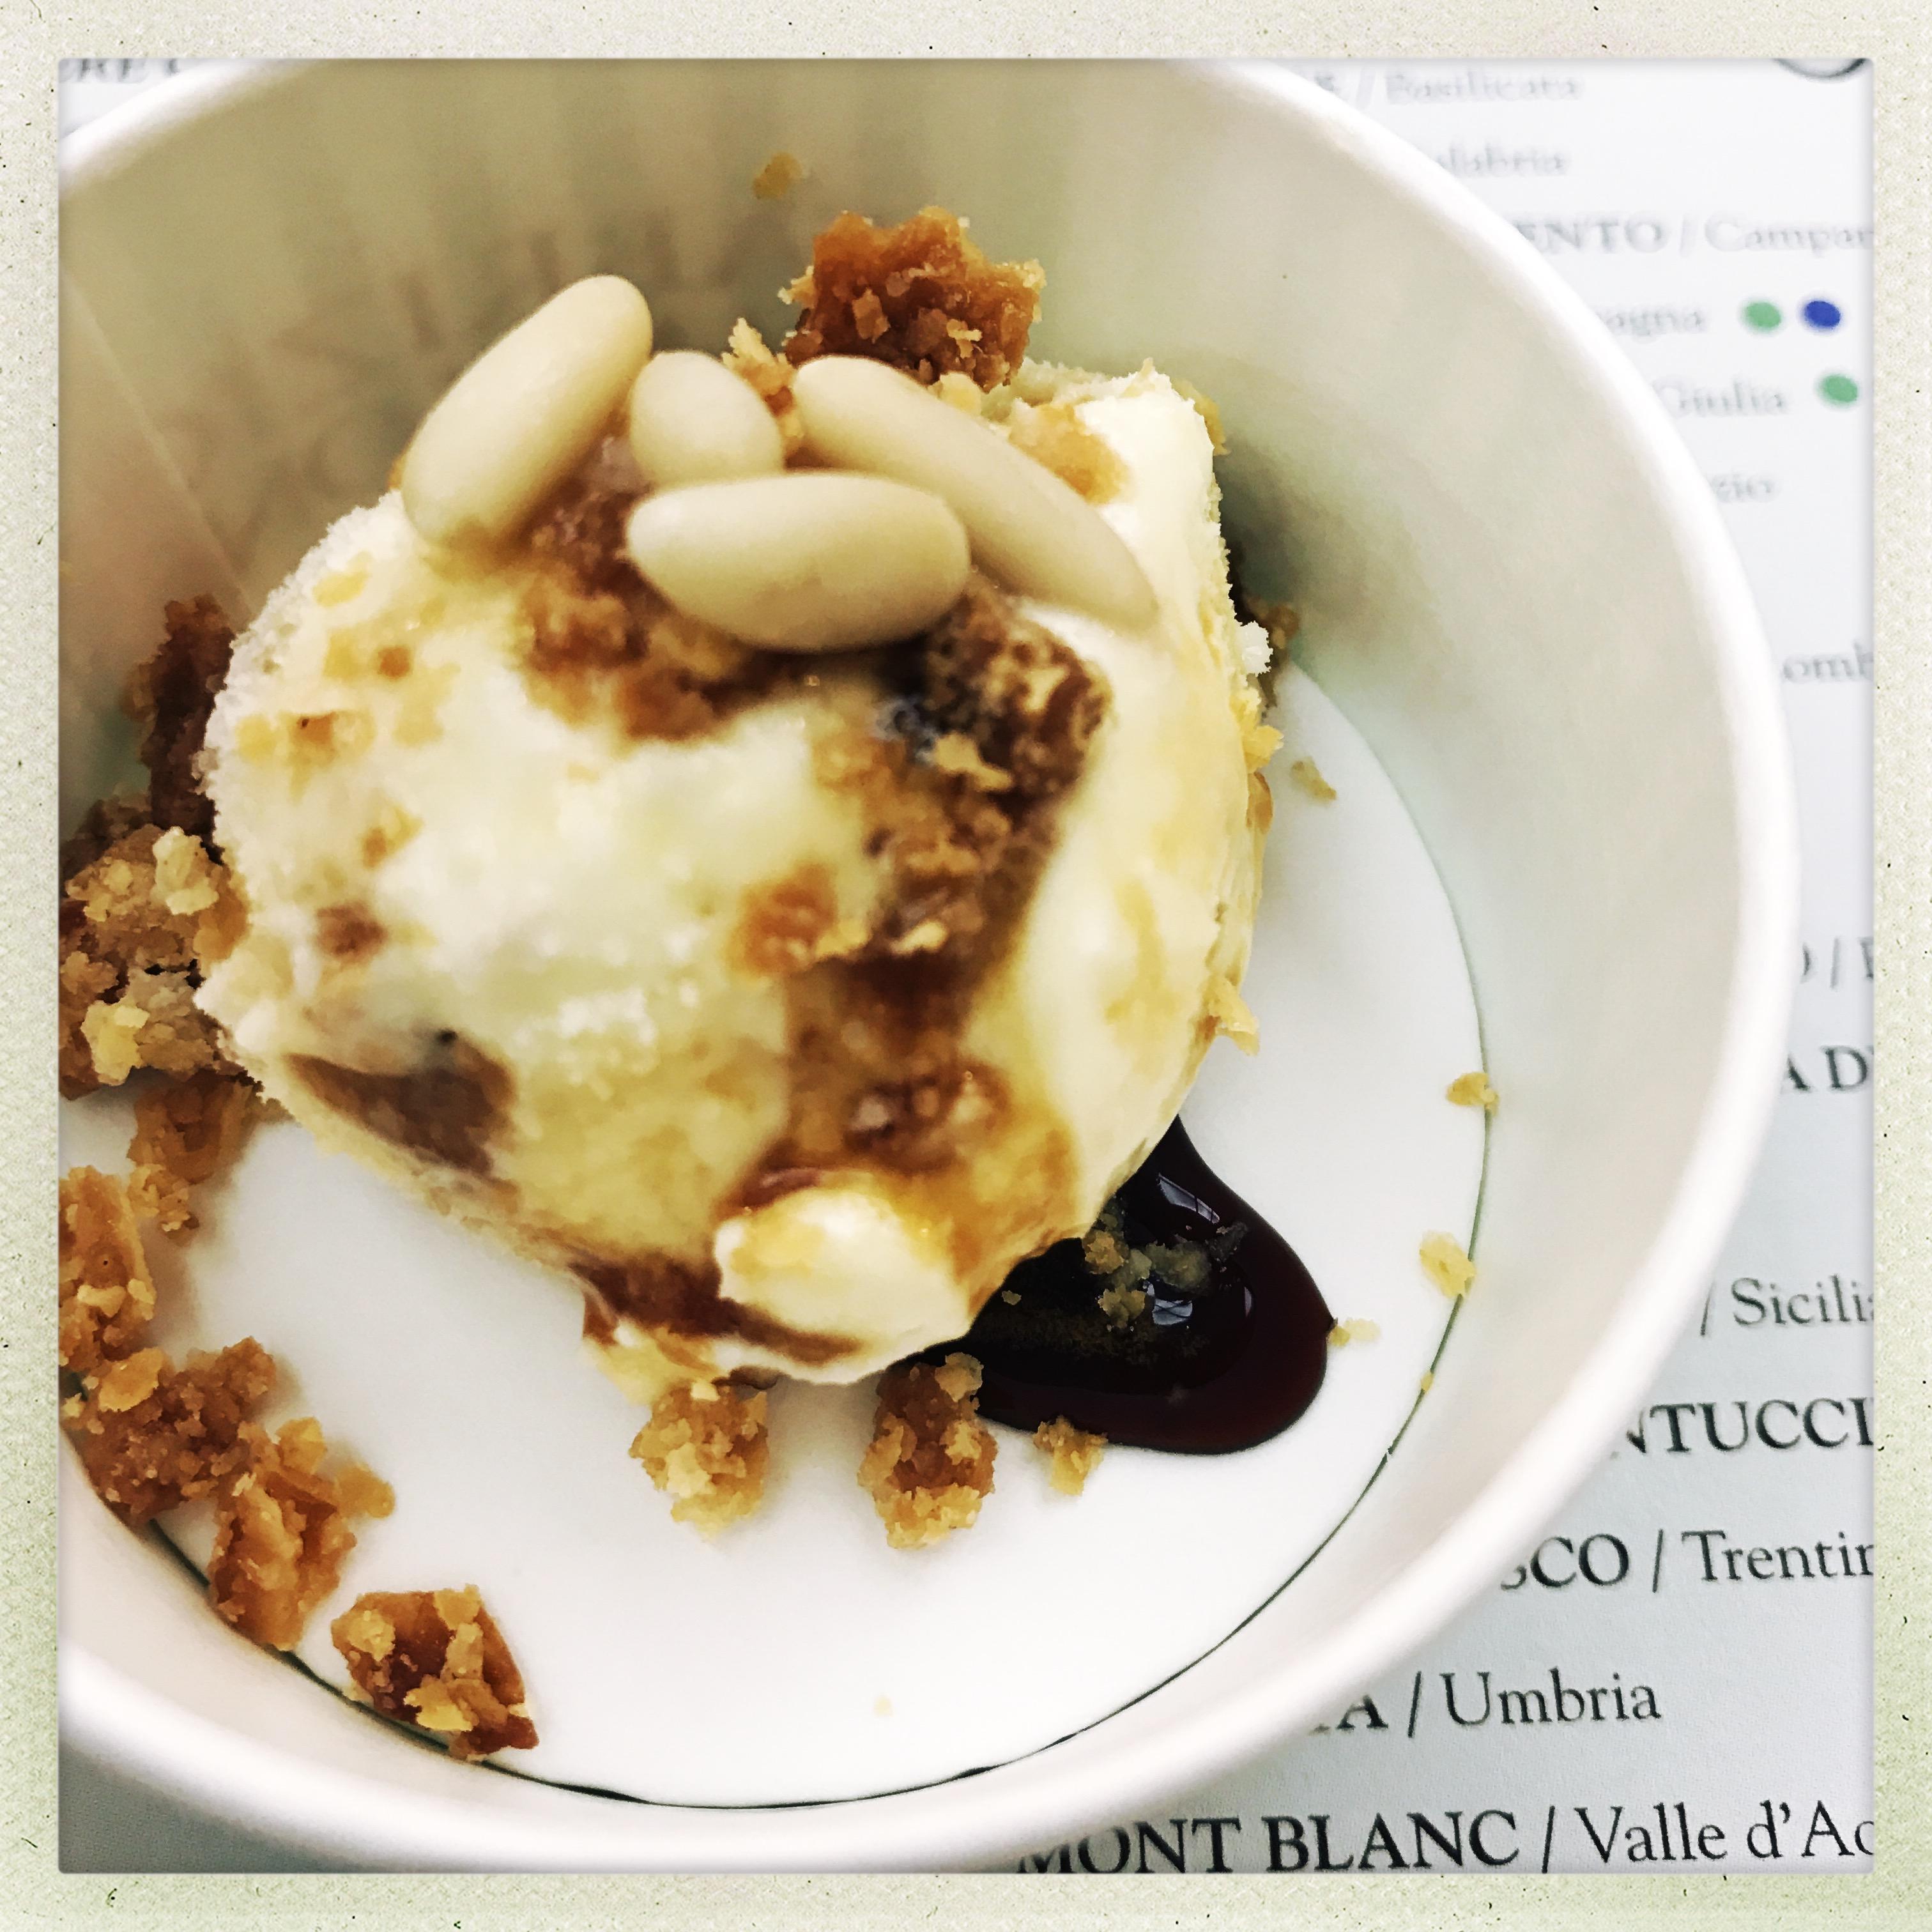 Pasticceria Caprice Perscara - gelato rocciata